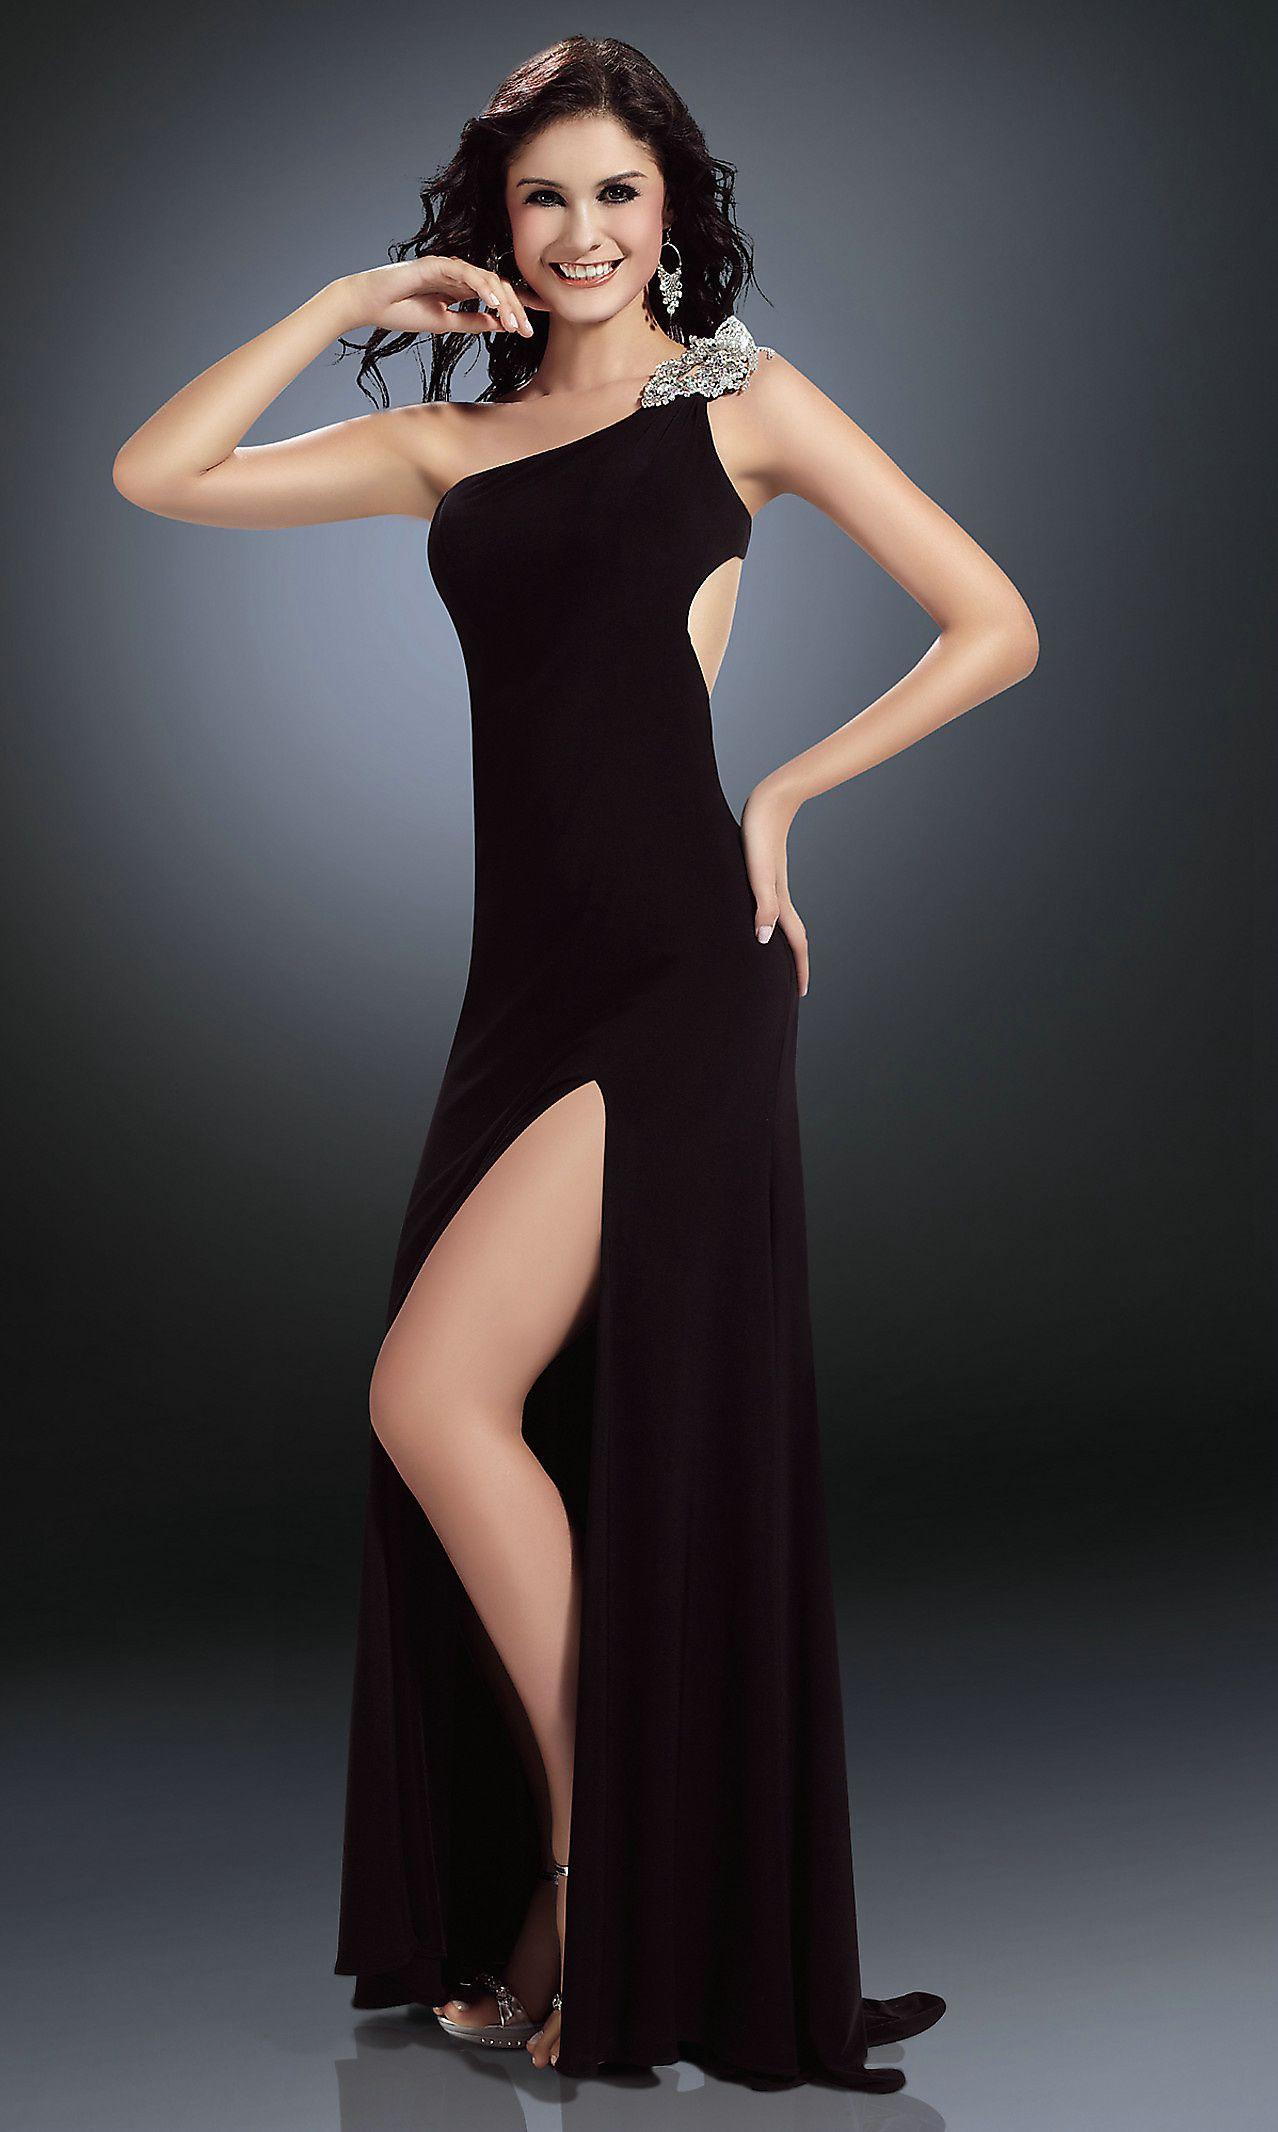 30 Black Prom Dresses Ideas to Look Like Celebrities